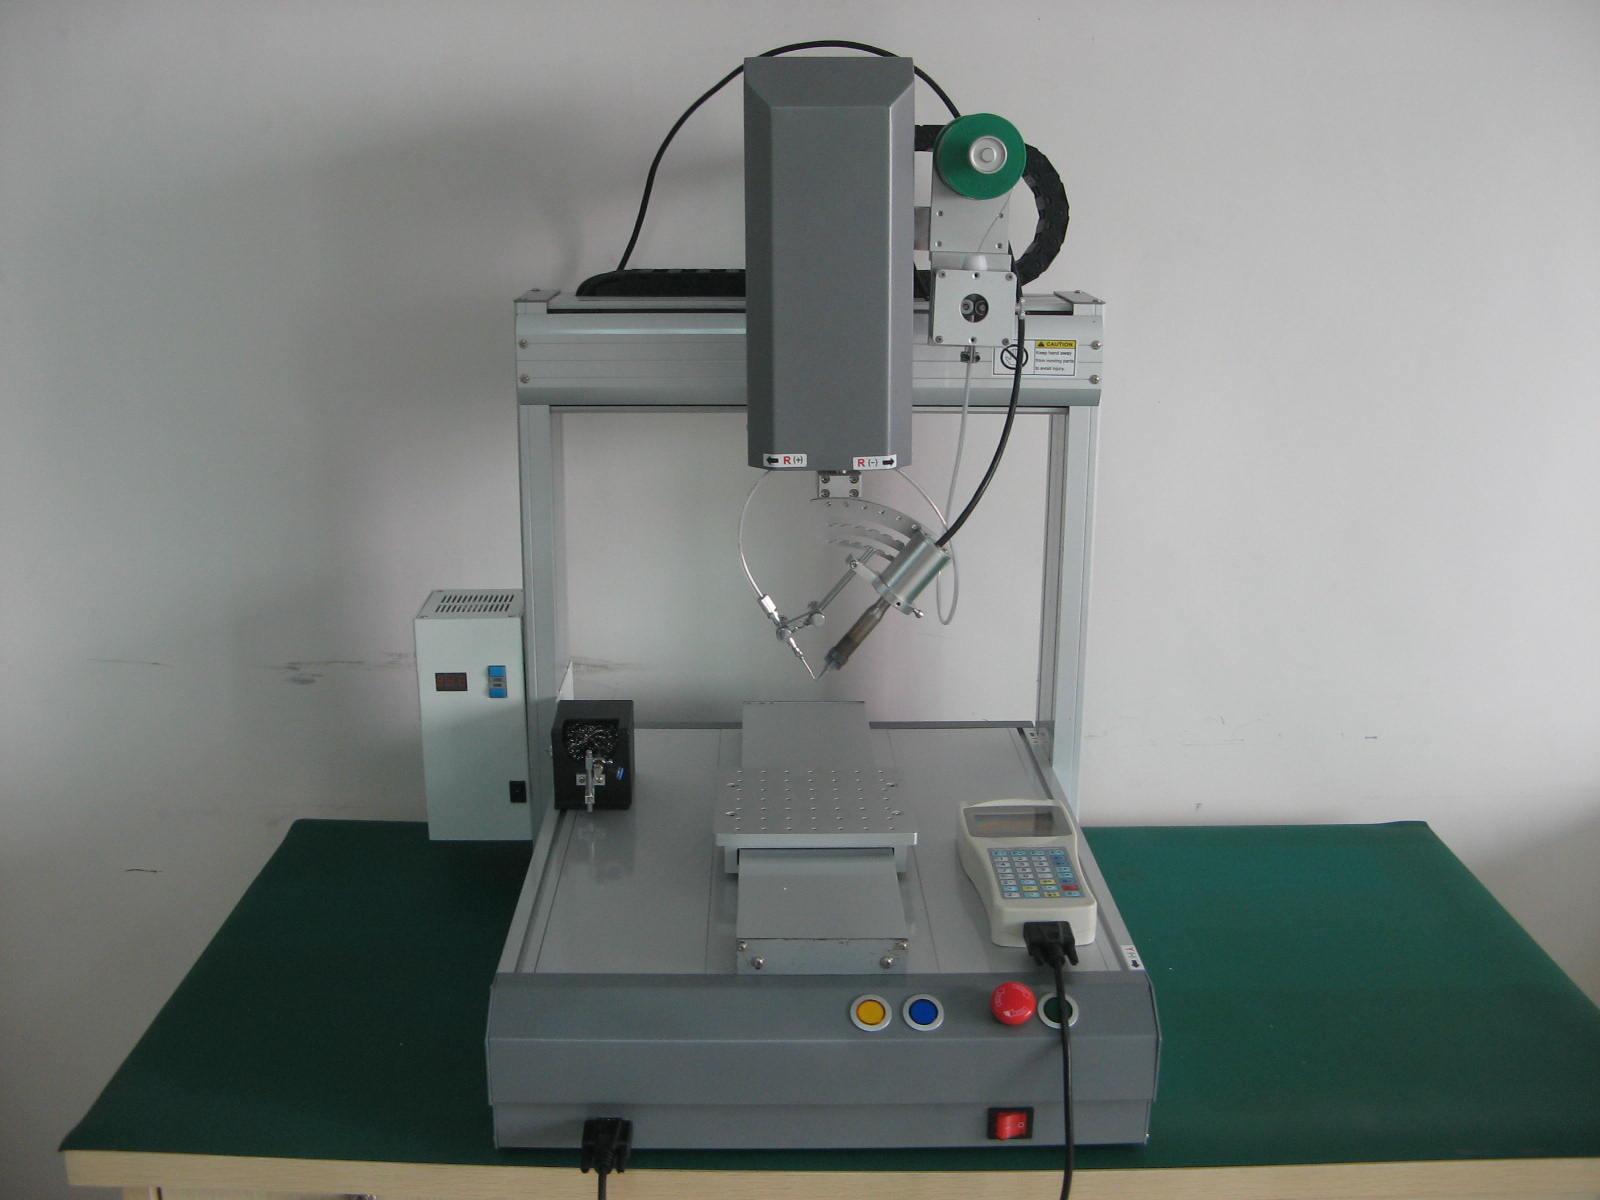 电子工具系列产品